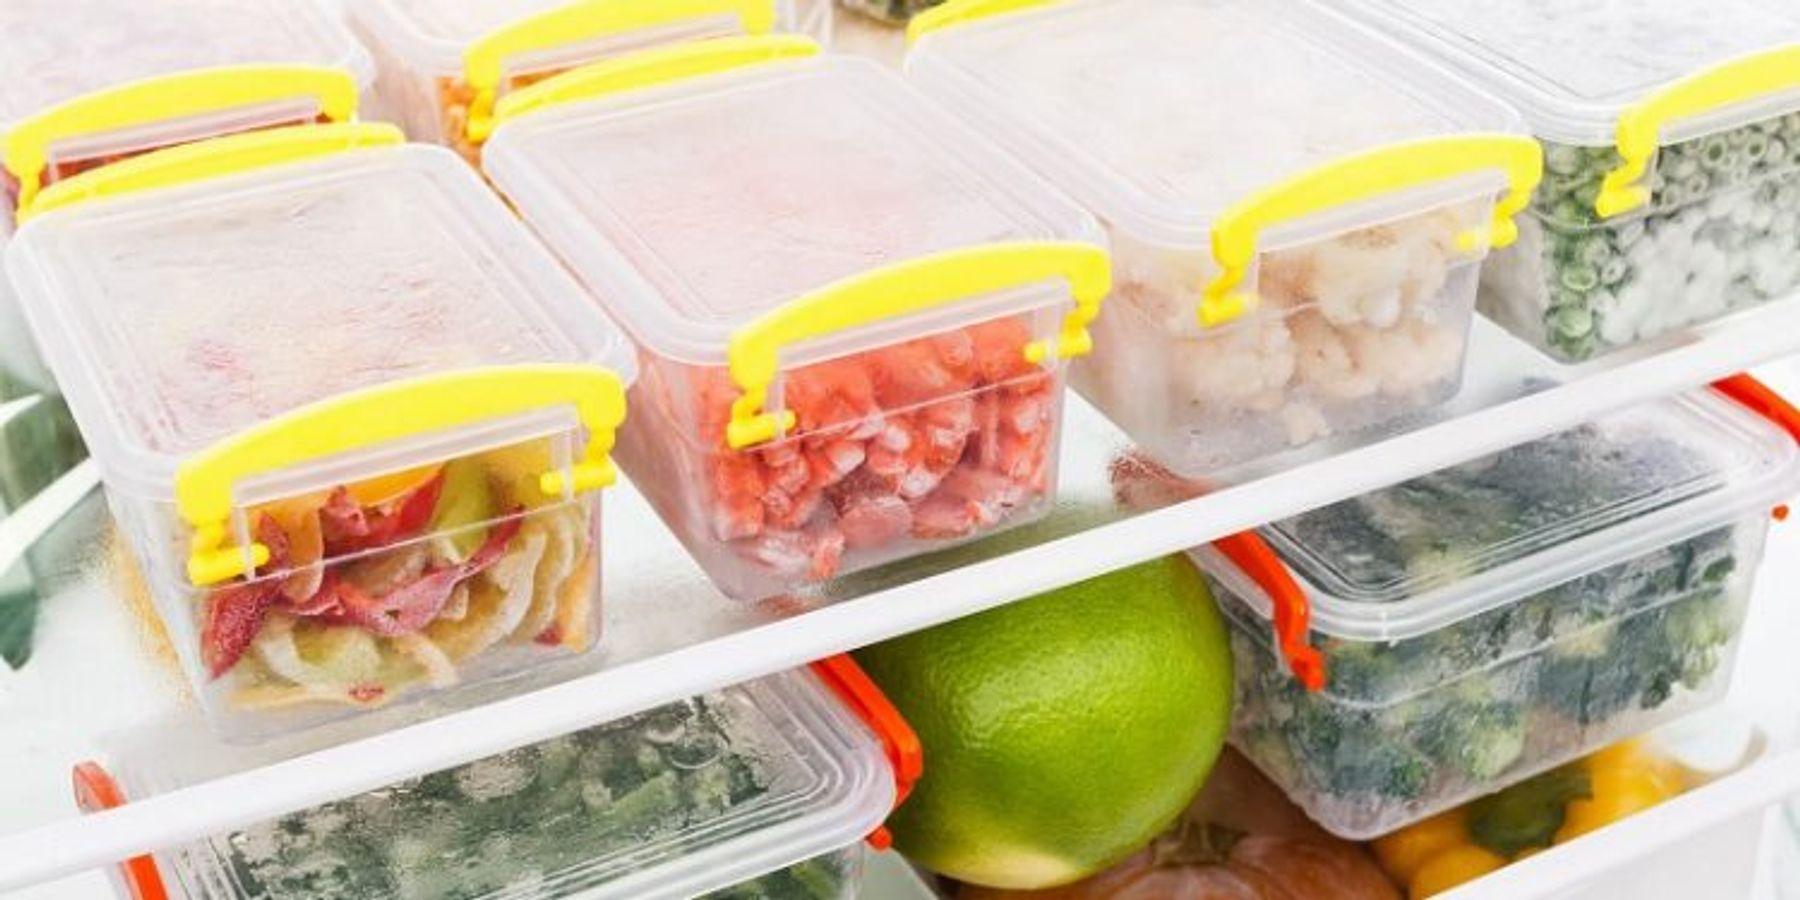 Cách bảo quản thức ăn đã nấu chín an toàn